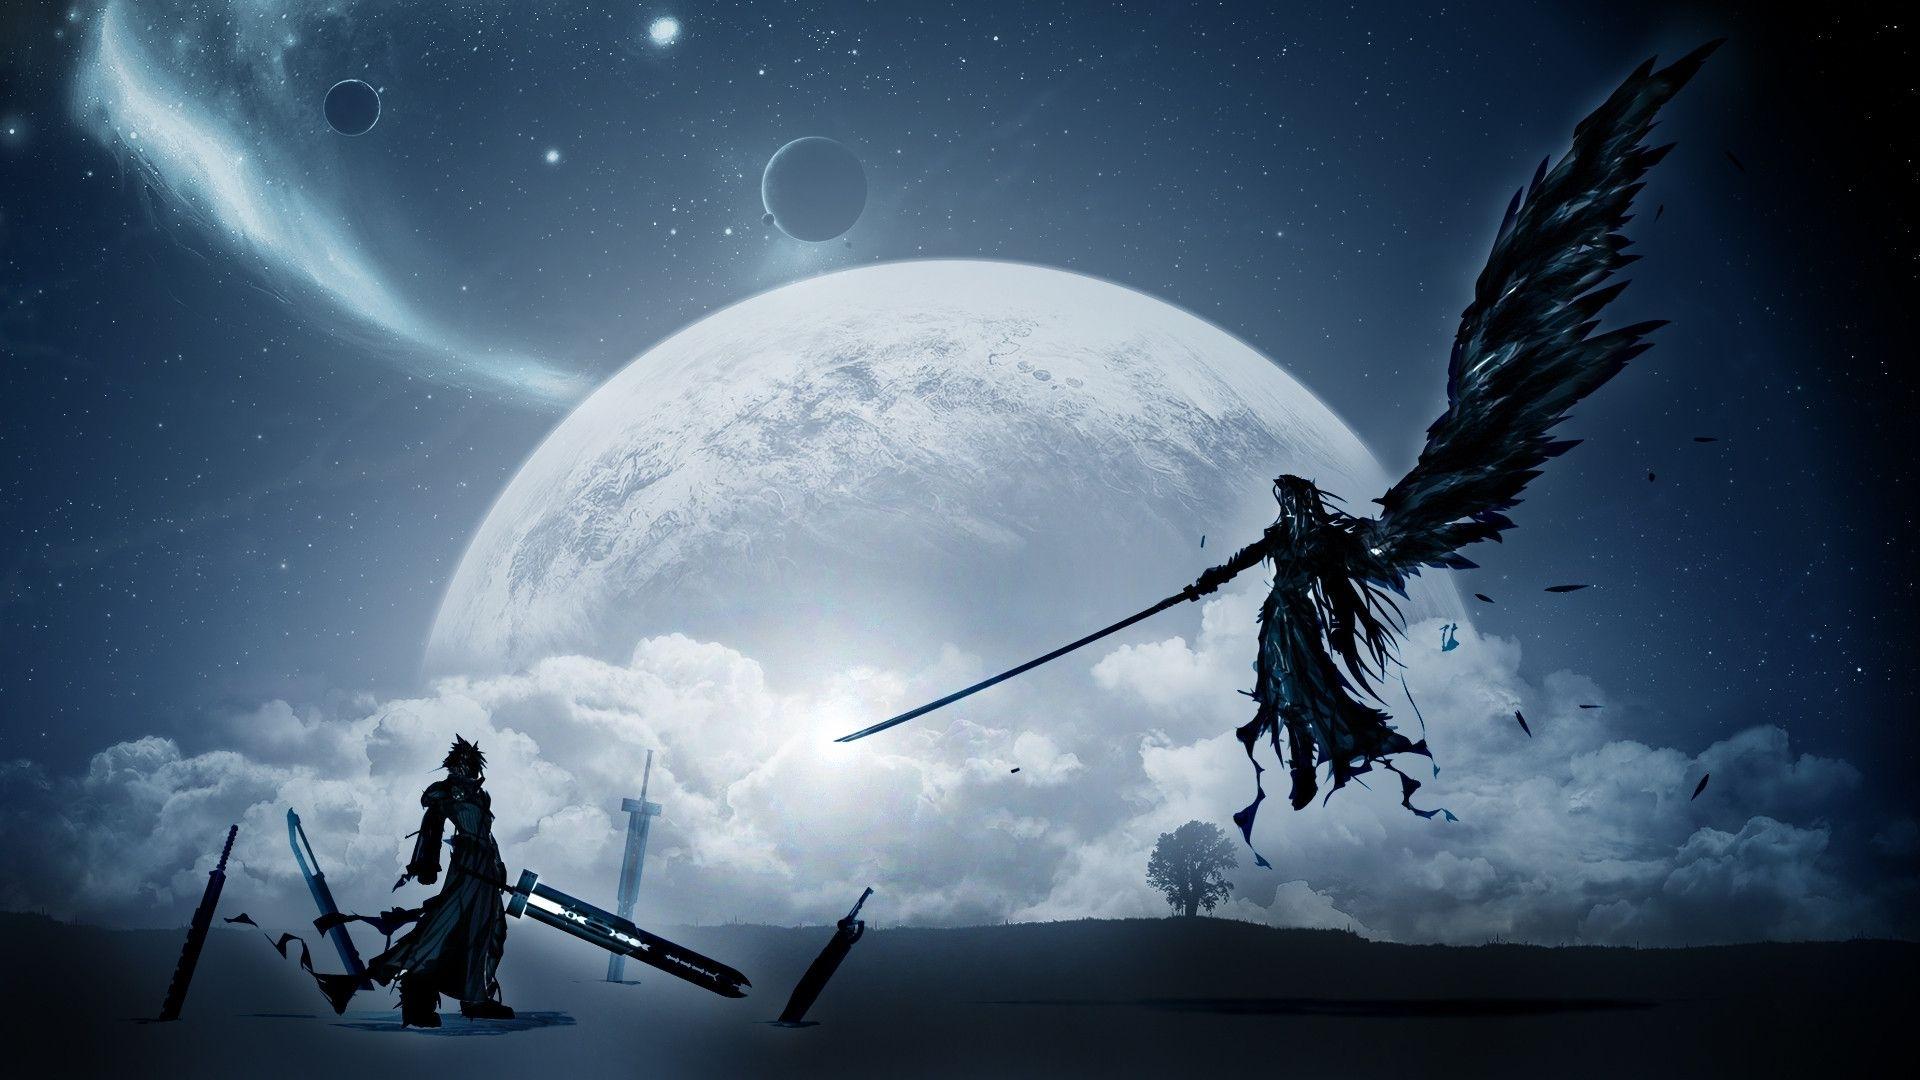 final fantasy xv wallpapers, fantastic final fantasy xv images